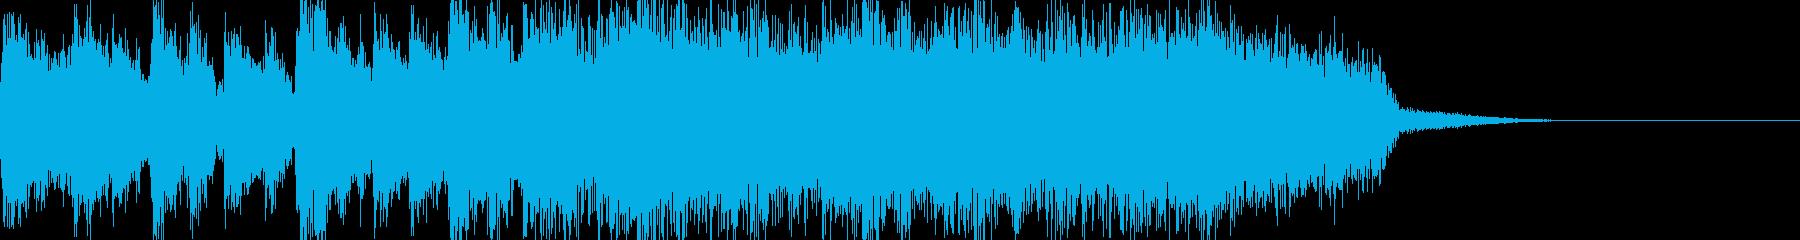 シンプルでストレートなロックジングルの再生済みの波形